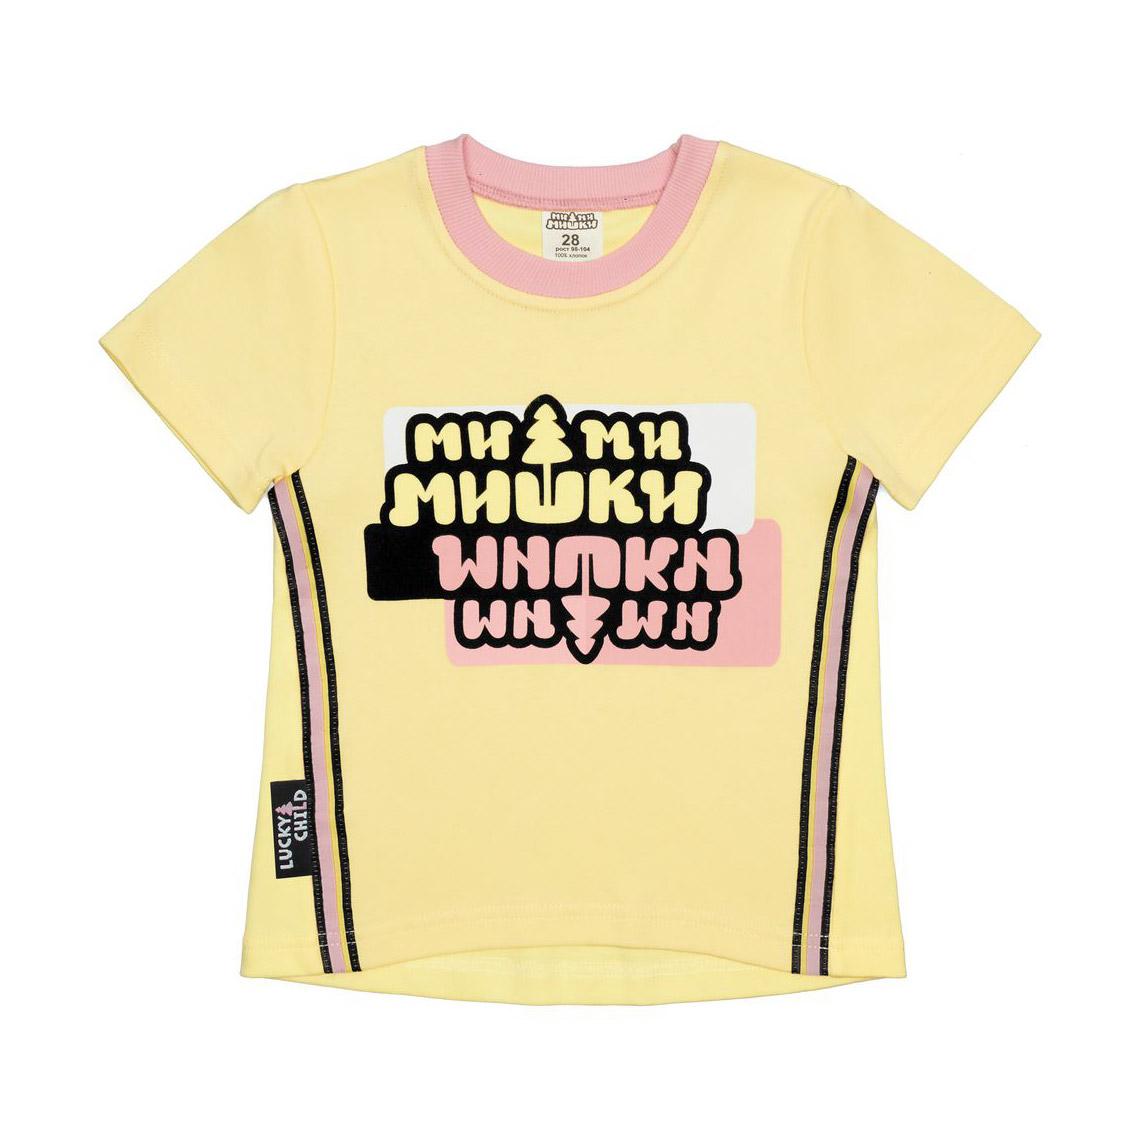 Купить Футболка Lucky Child МИ-МИ-МИШКИ желтая 128-134, Желтый, Интерлок, Для девочек, Всесезонный,